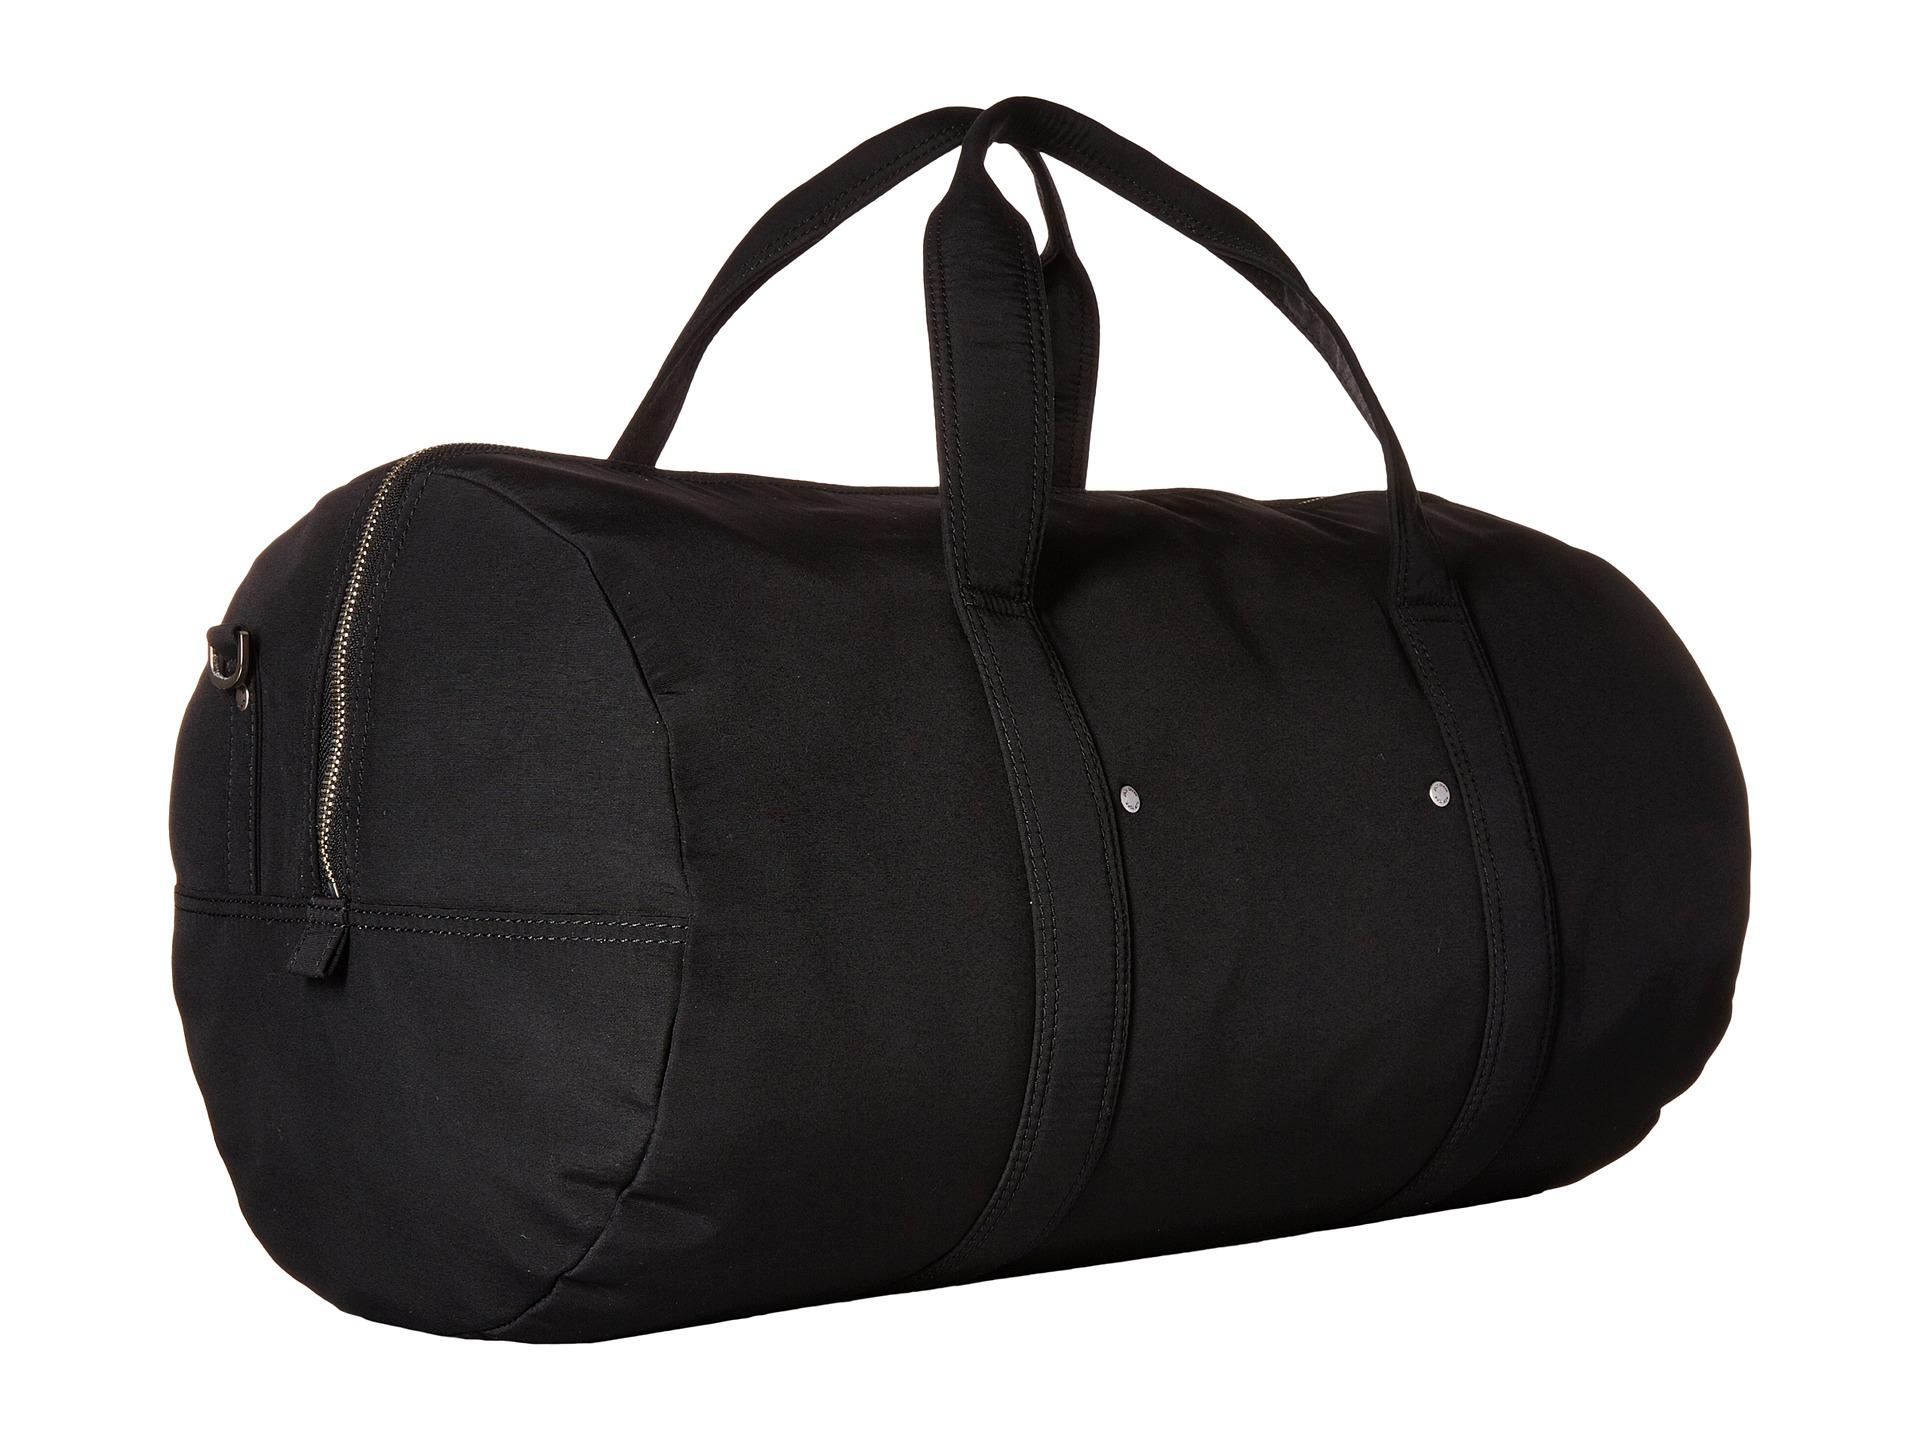 befe1267aa Lyst - Jack Spade Tech Travel Nylon Gym Duffel in Black for Men